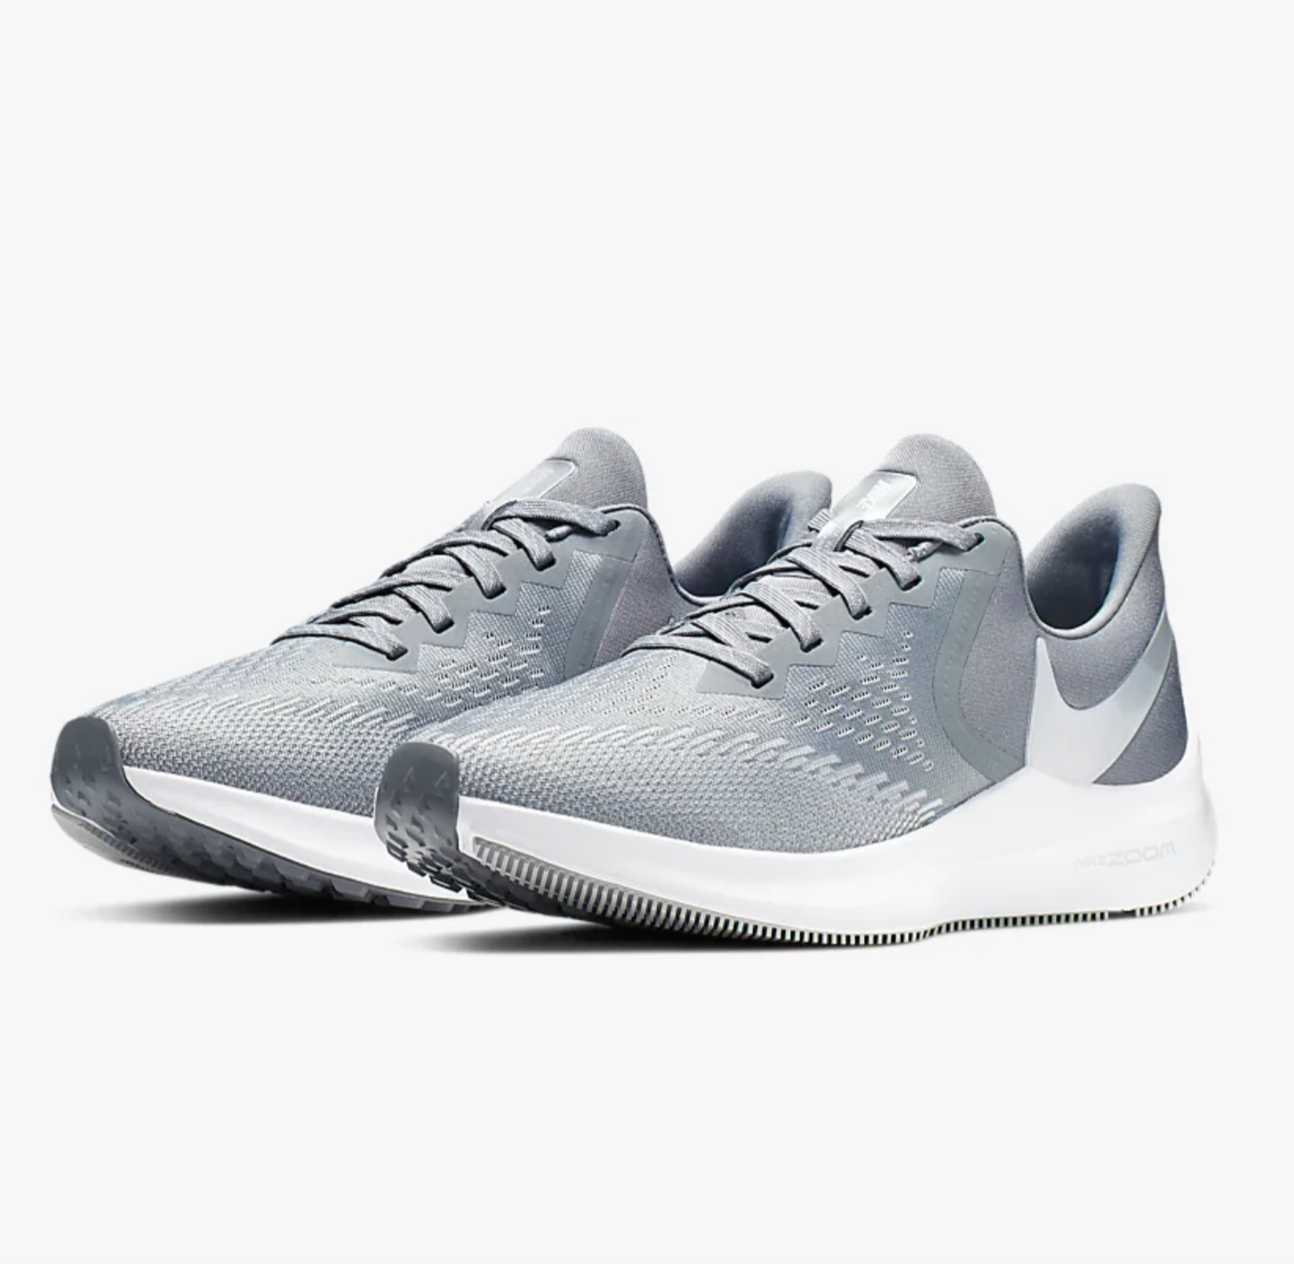 Nike Air Zoom Winflo 6 sneakers in pink